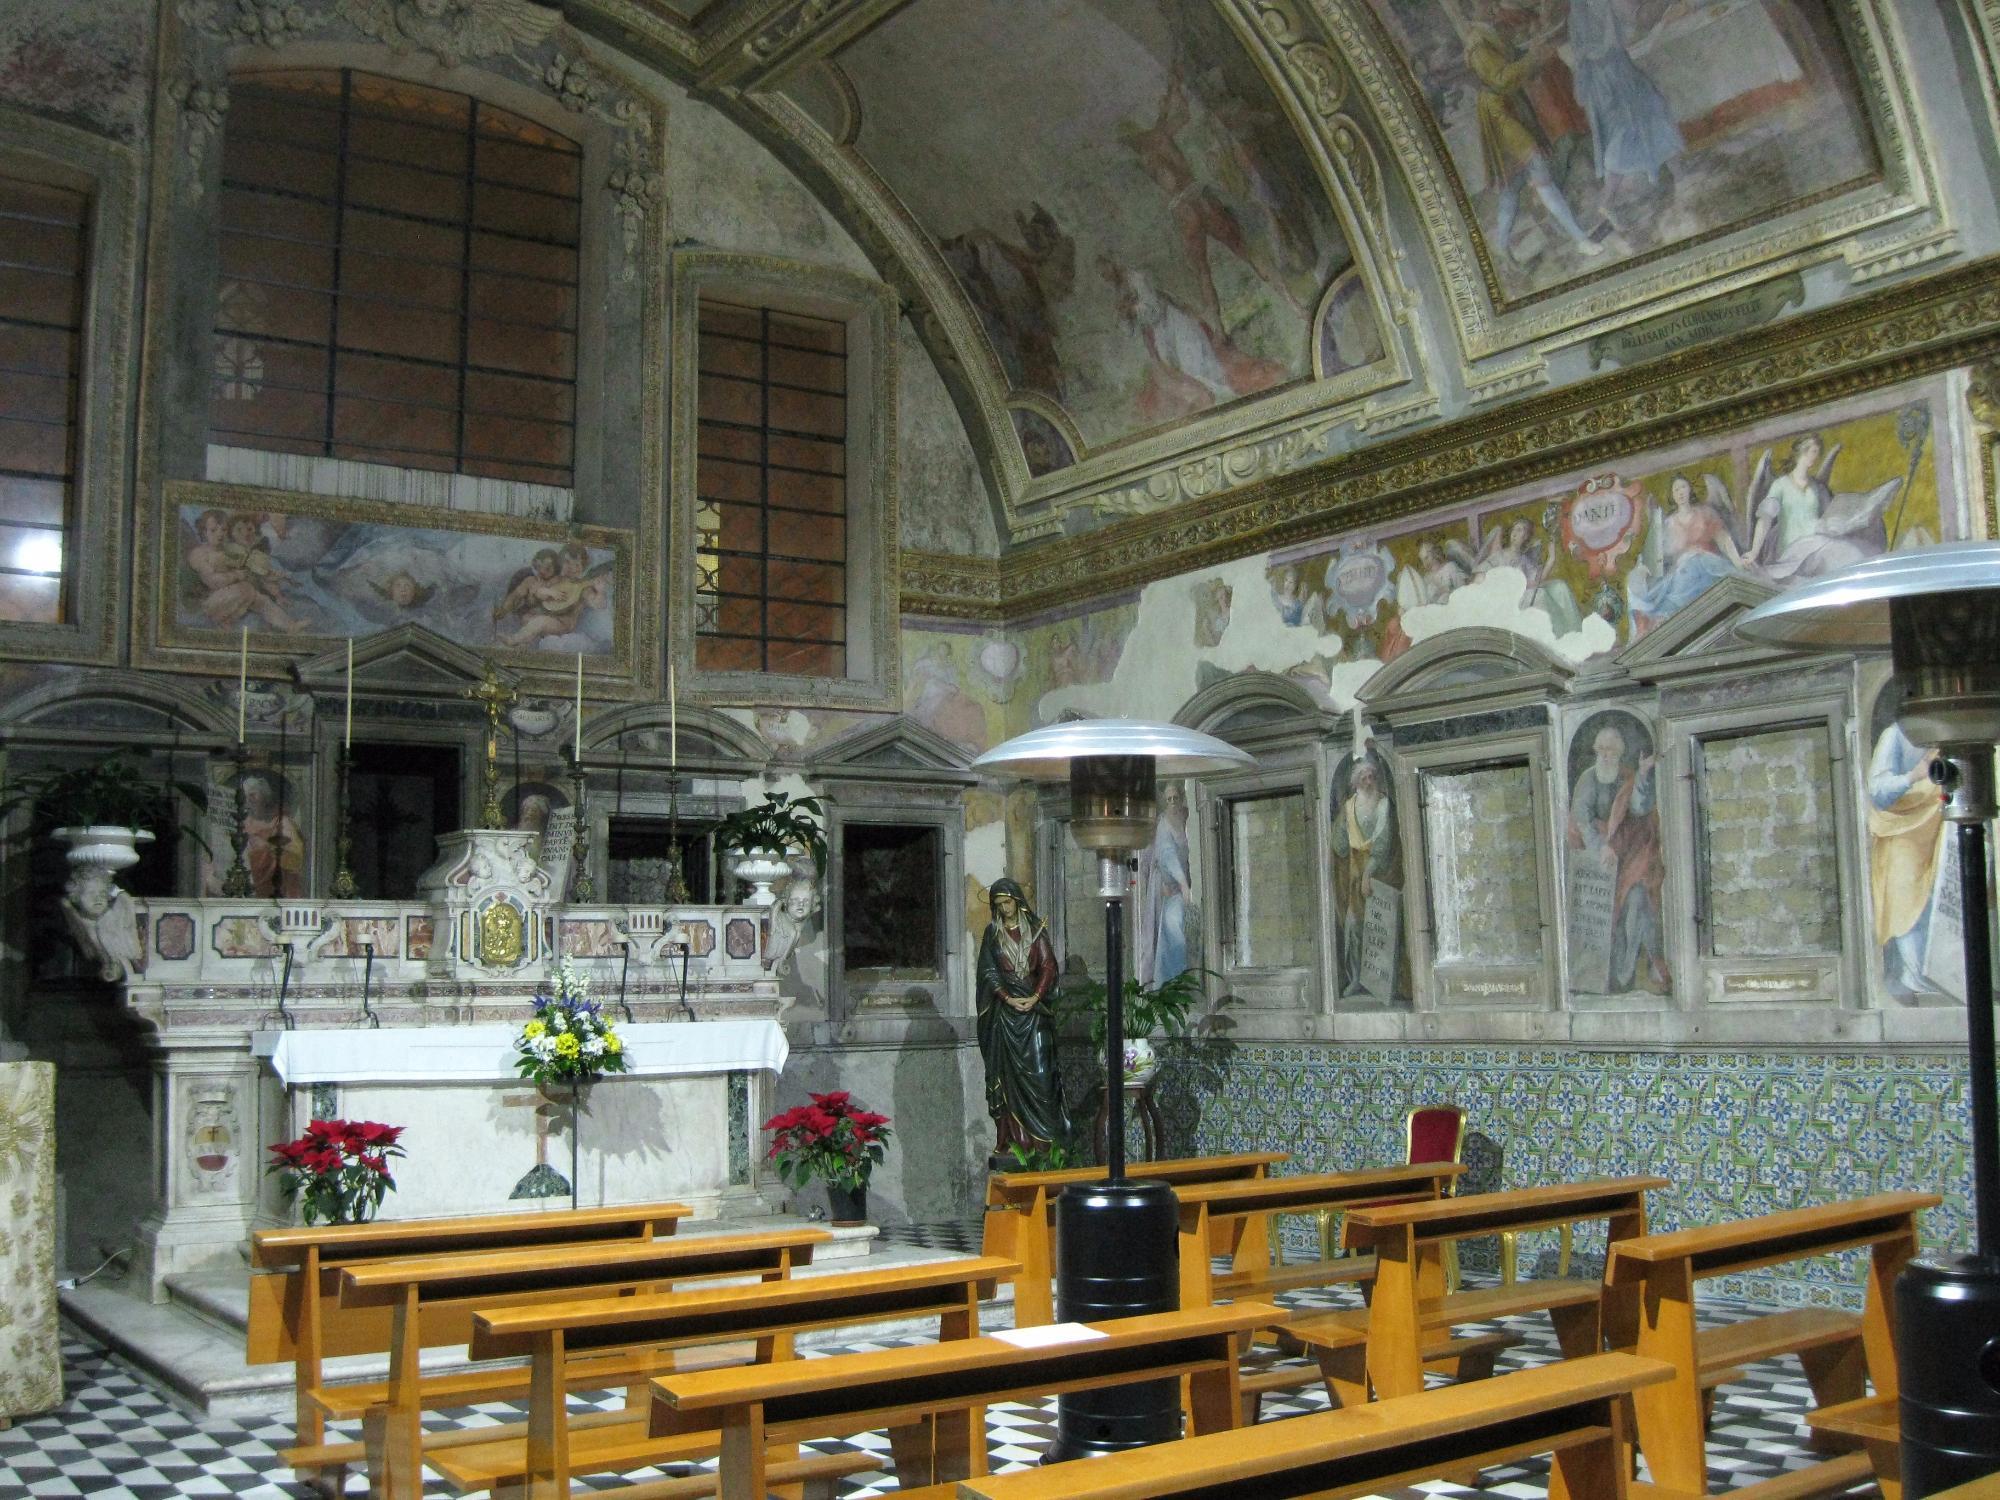 """La parete prospiciente, con le nicchie ancora murate e l'Altare maggiore, che attualmente custodisce le reliquie dei Martiri; l'affresco in alto, dipinto dal CORENZIO e aiuti, rappresenta il """"Martirio di S. Orsola"""""""